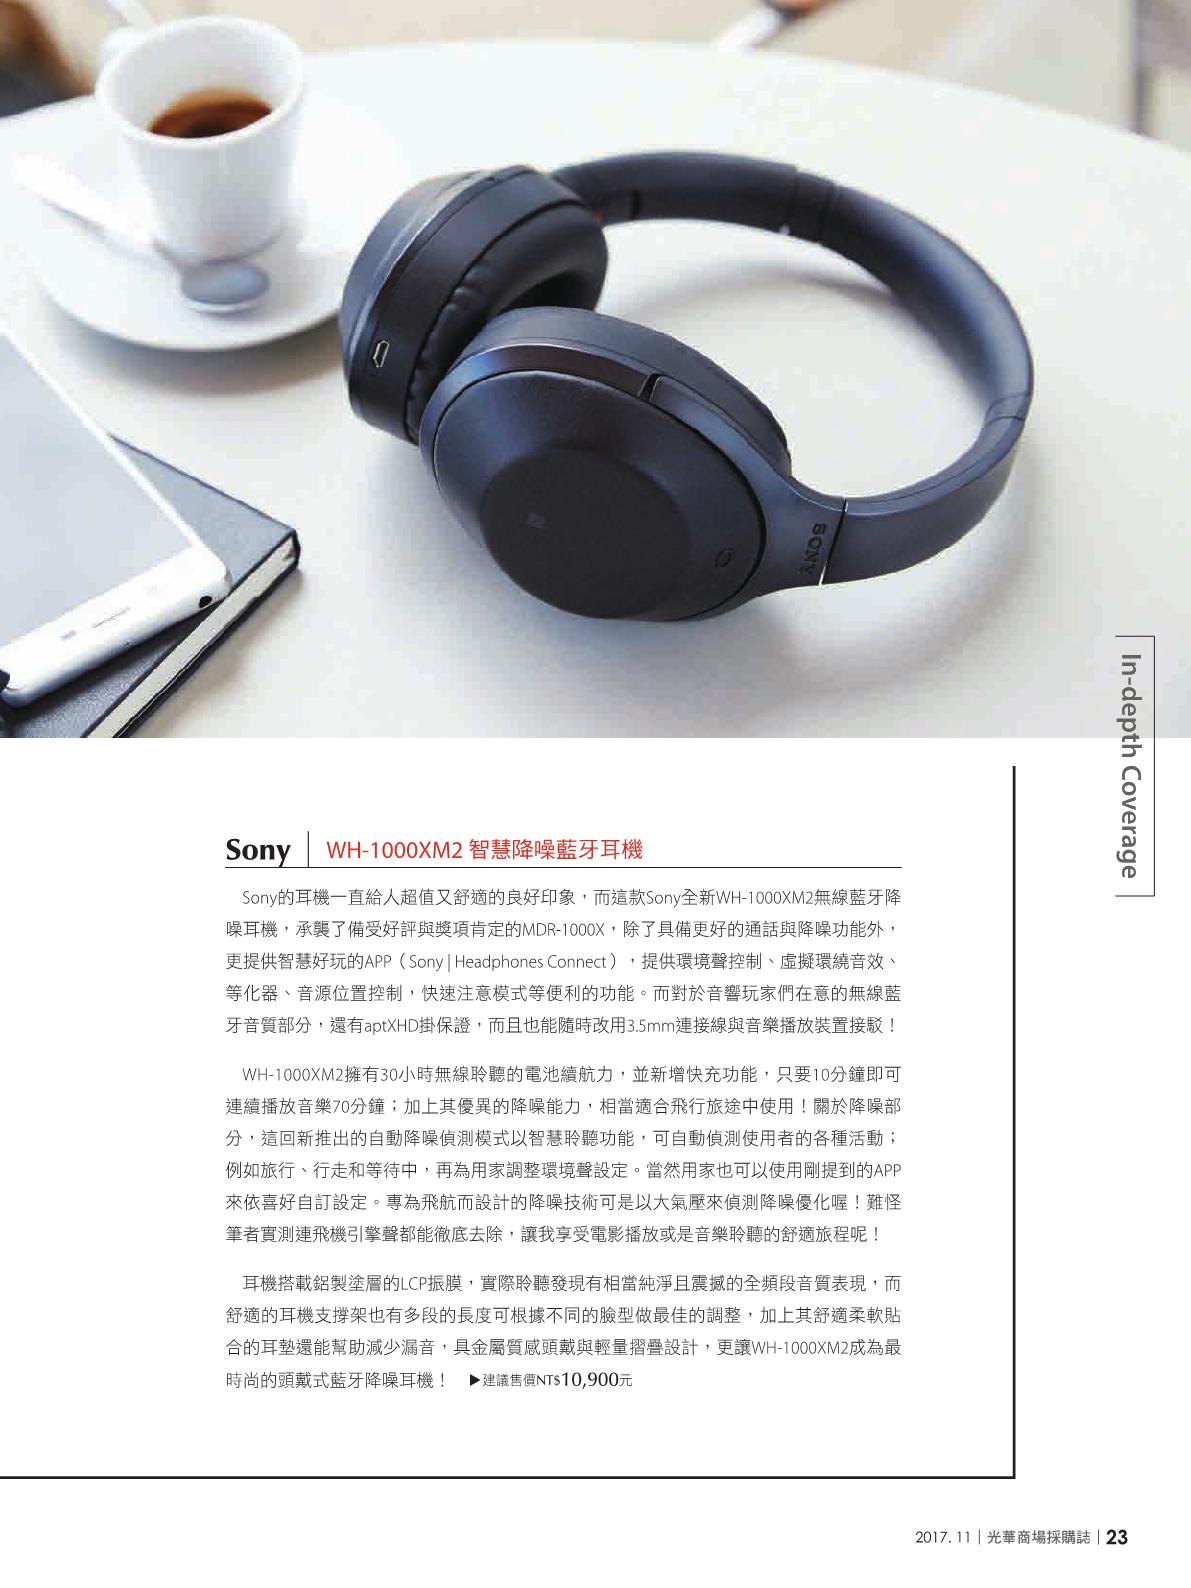 光華商場採購誌2017年11月號25.png